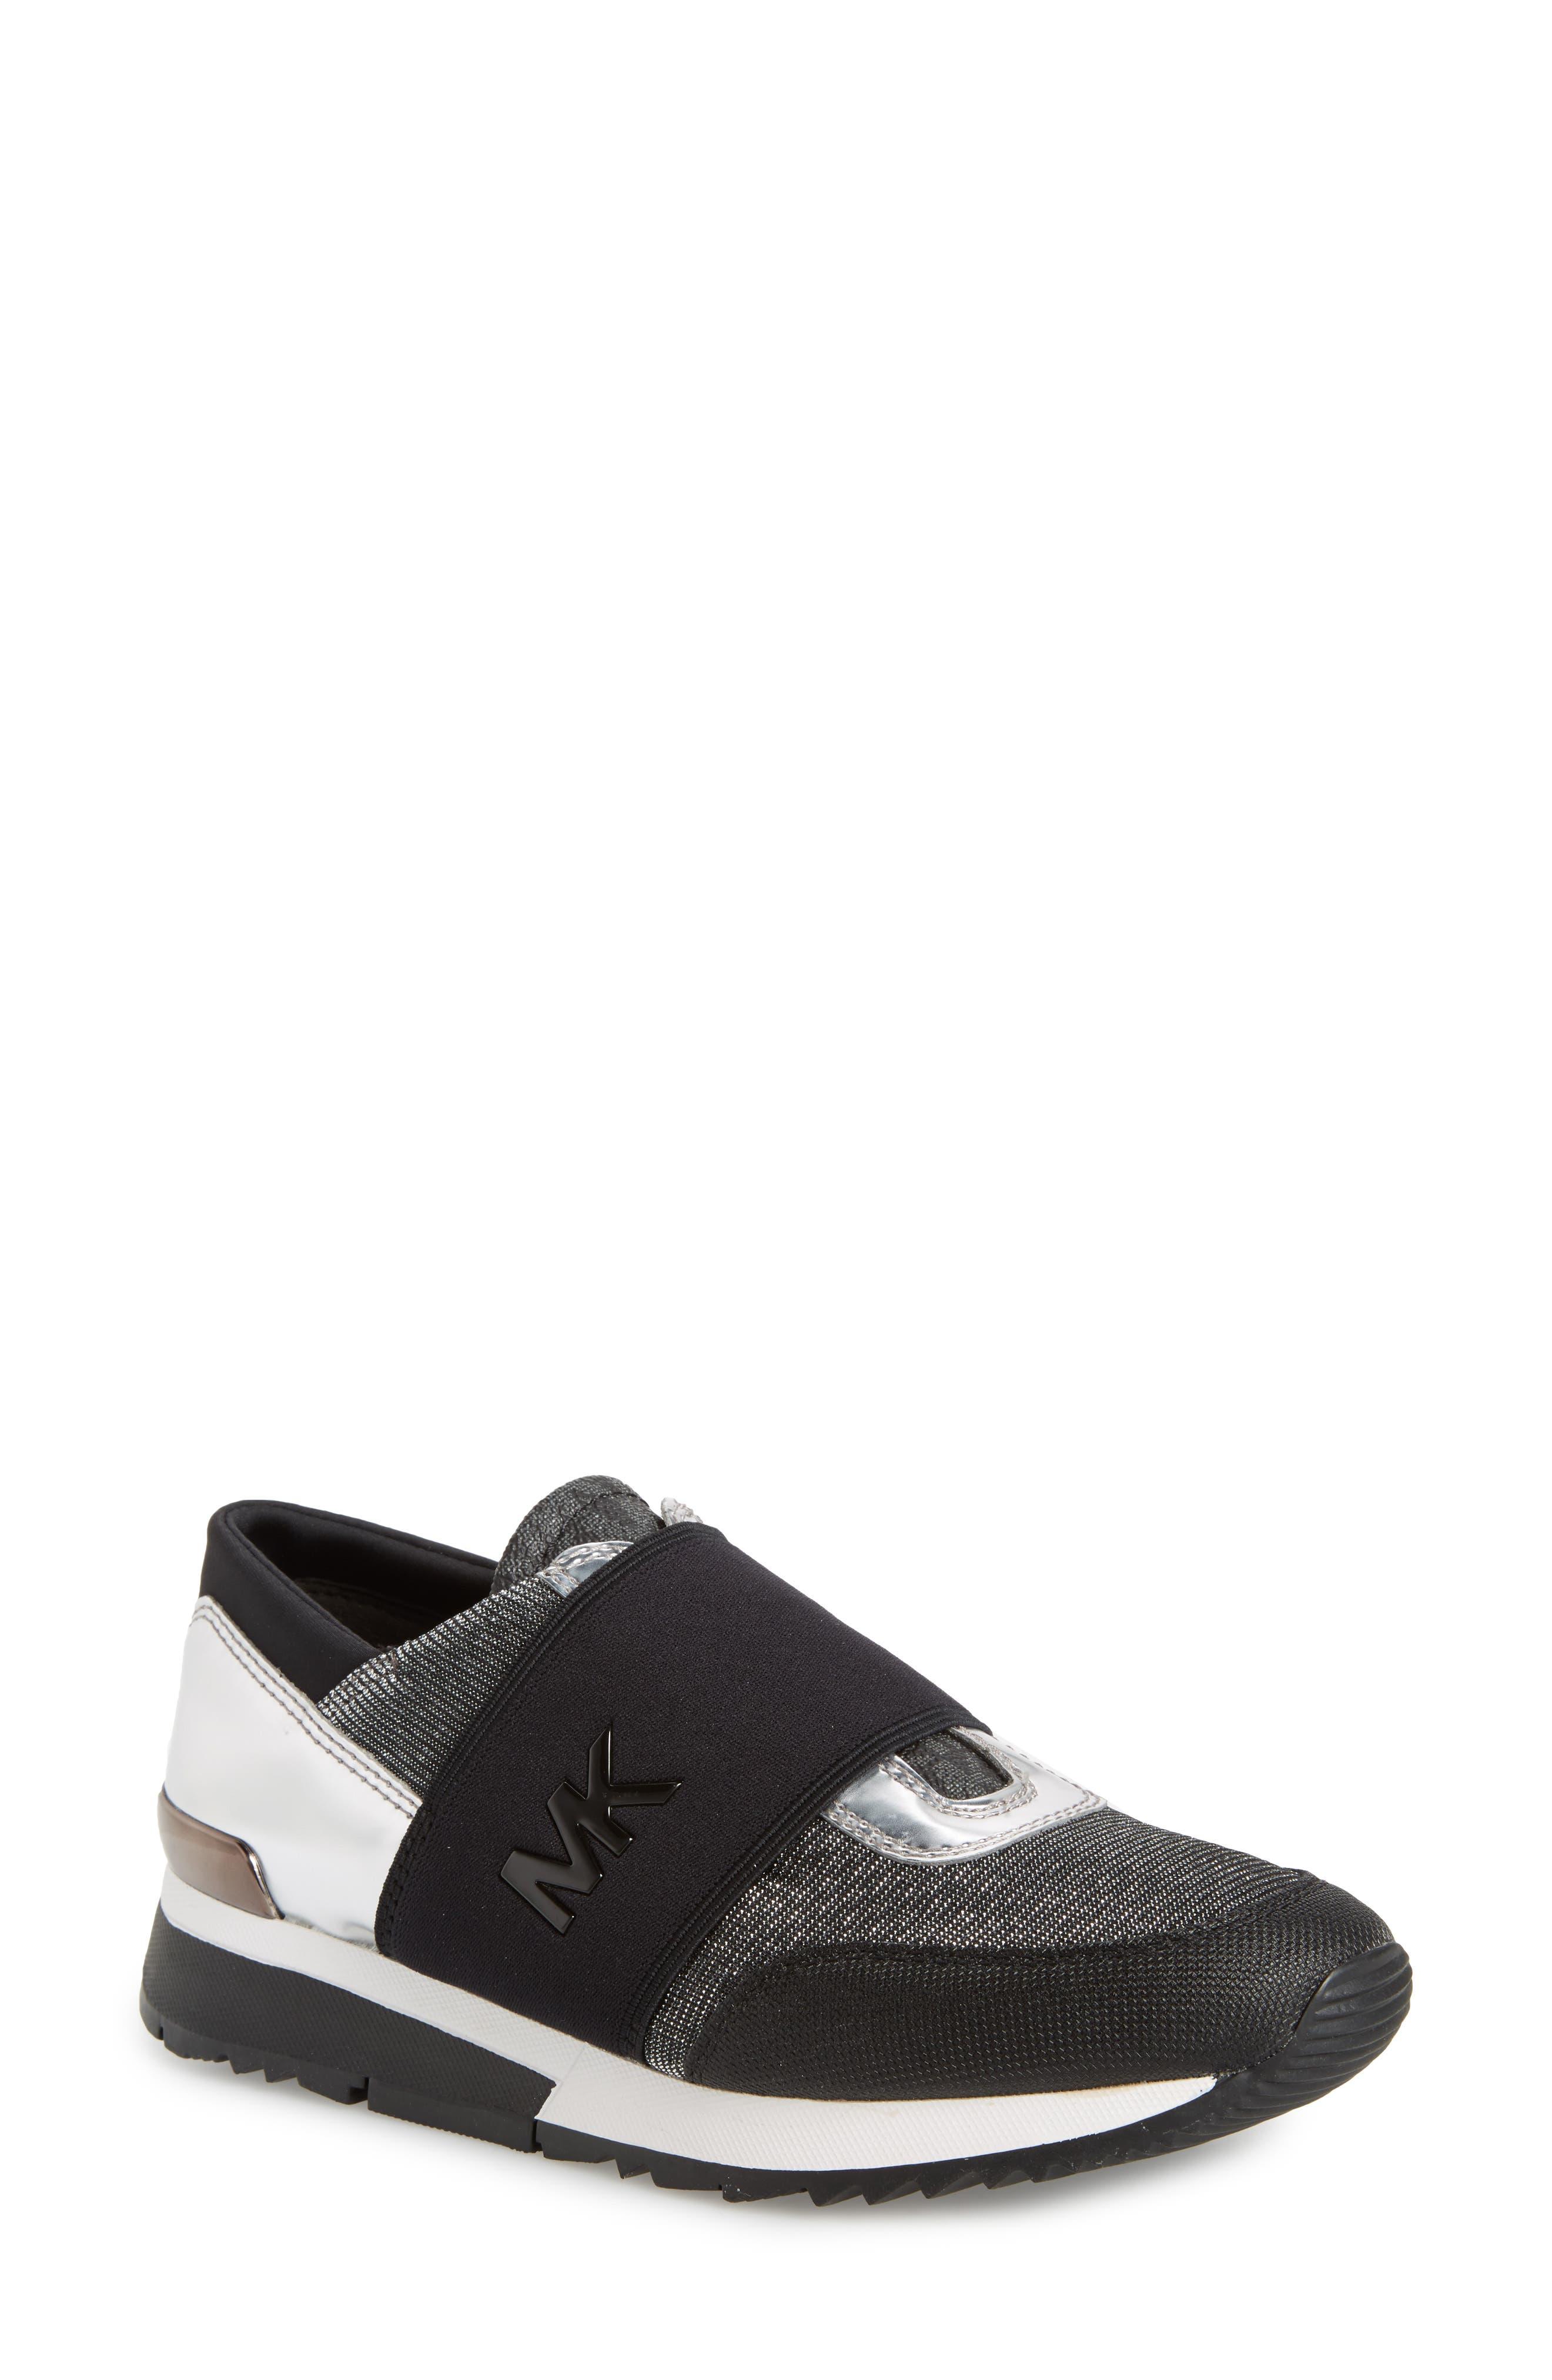 Alternate Image 1 Selected - MICHAEL Michael Kors Slip-On Sneaker (Women)